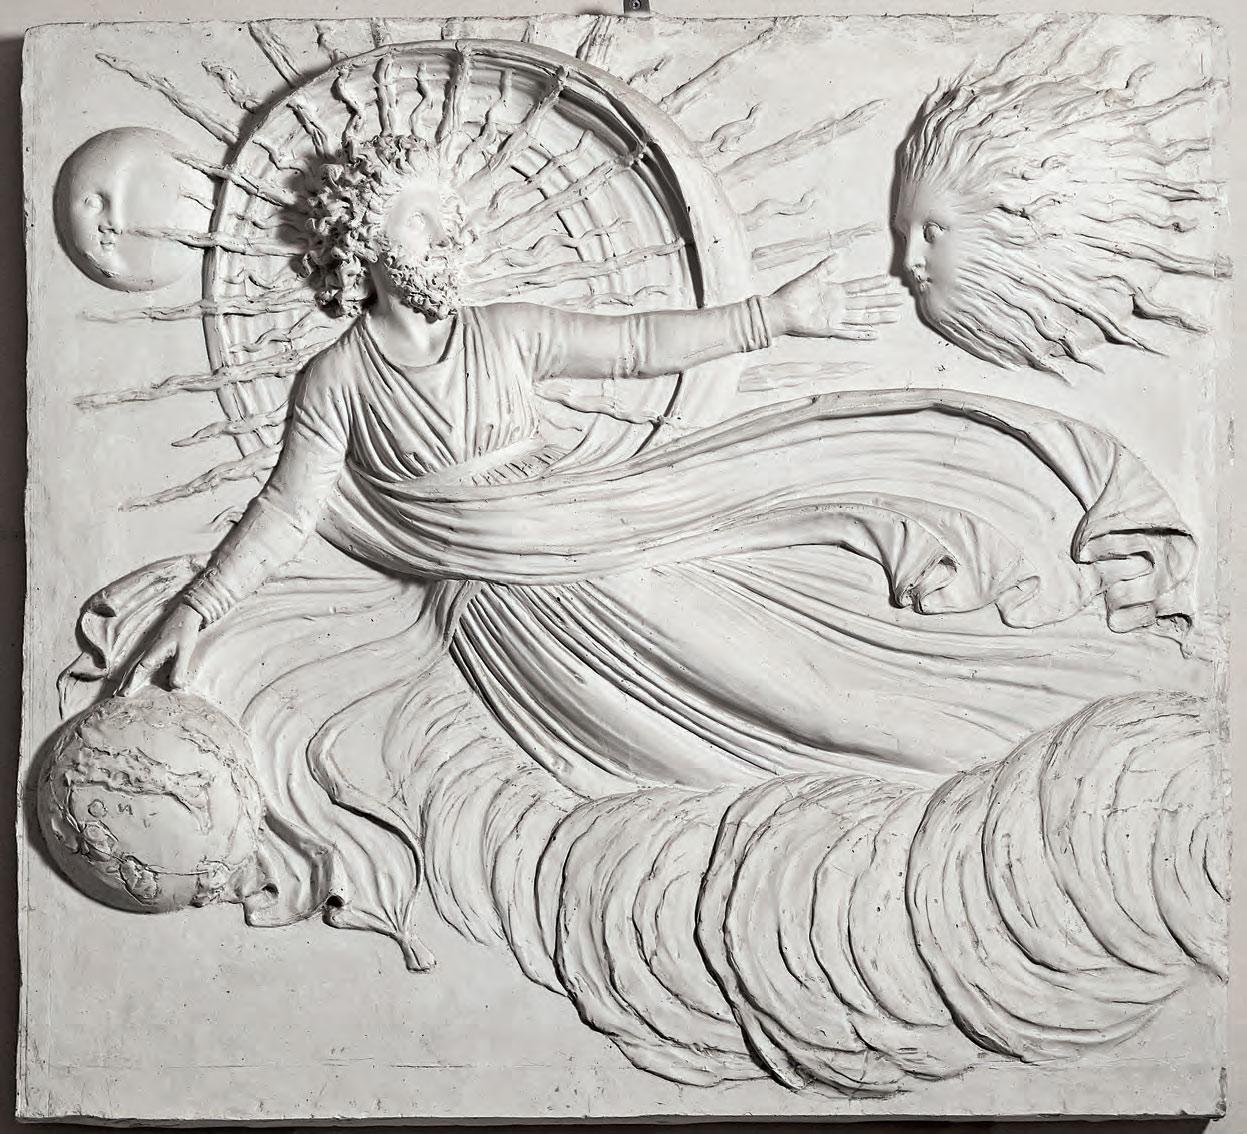 Antonio Canova, La Creazione del Mondo (1820-1822 circa; gesso, 104 x 116 cm; Possagno, Fondazione Canova onlus)